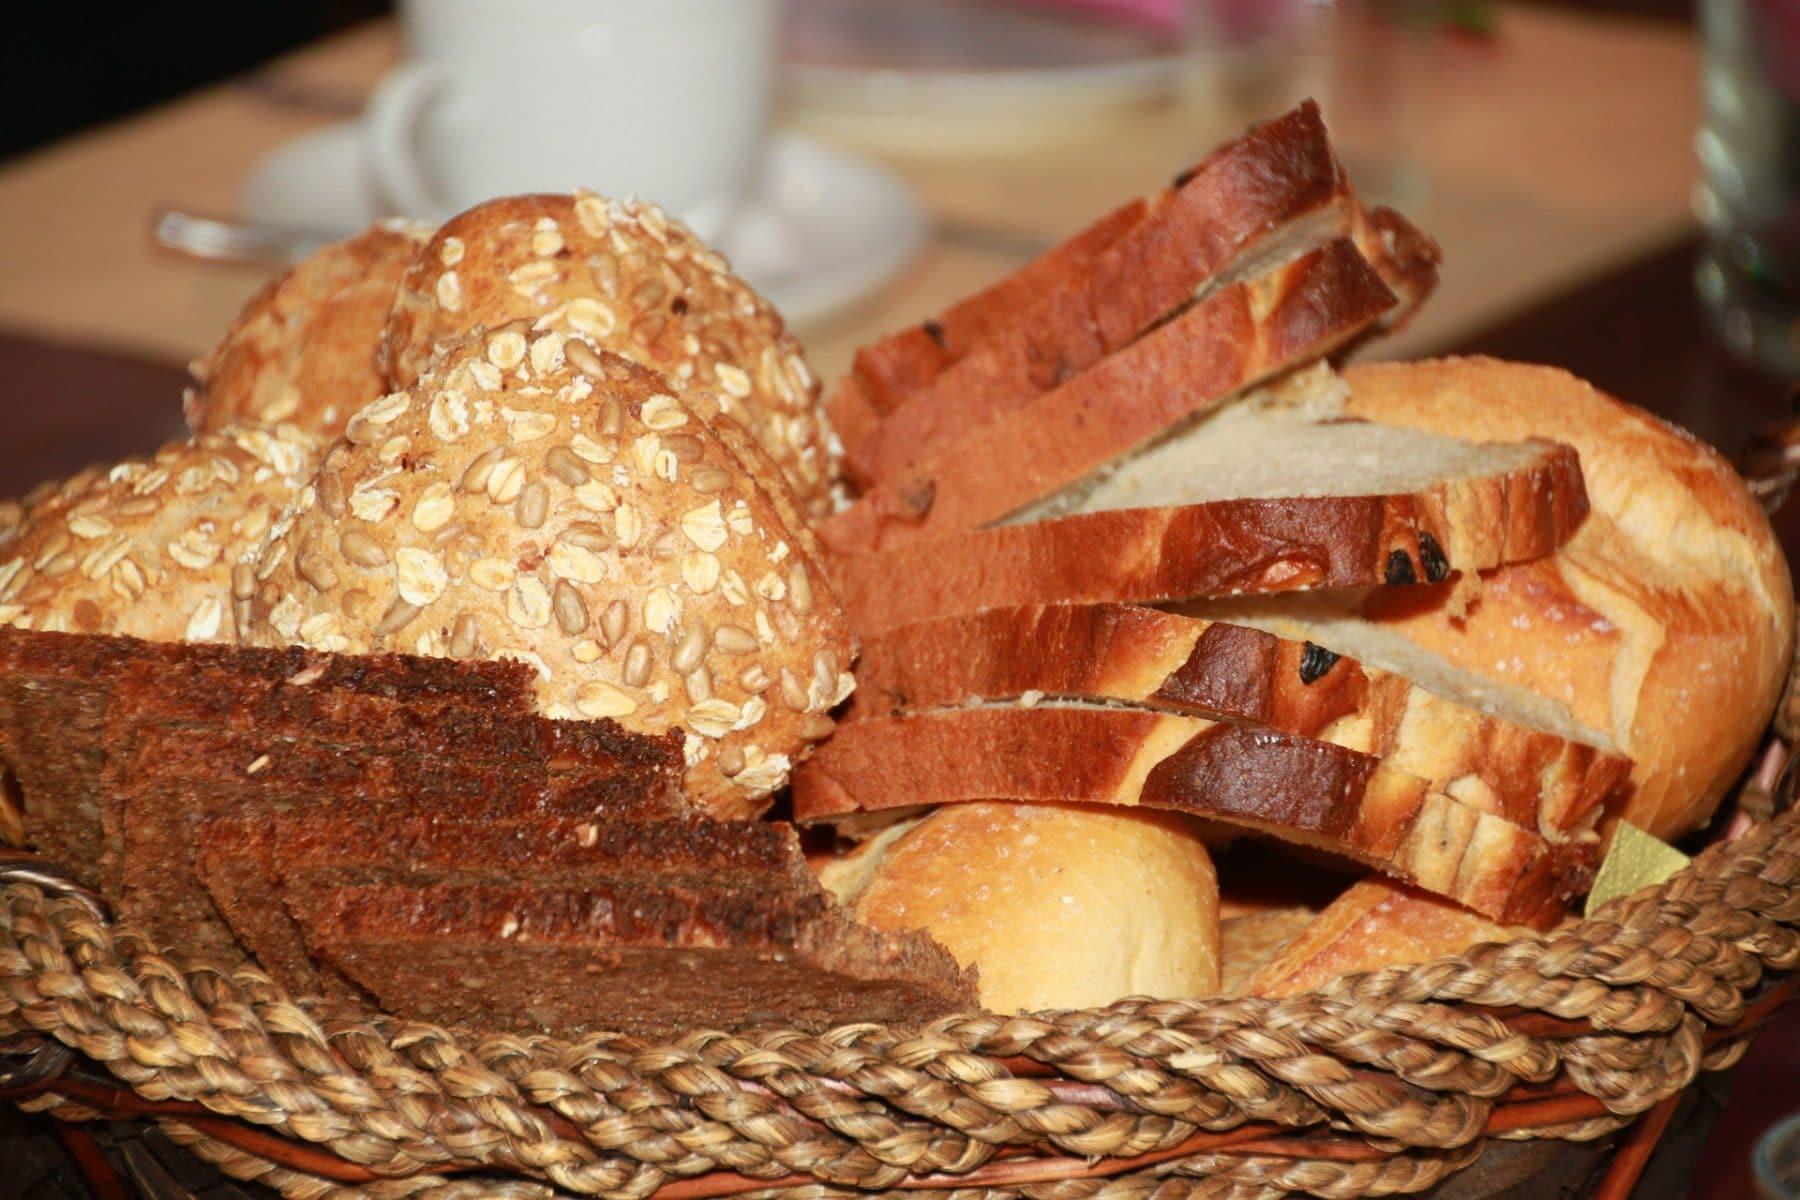 Ein Korb voller geschnittenem Brot und Brötchen